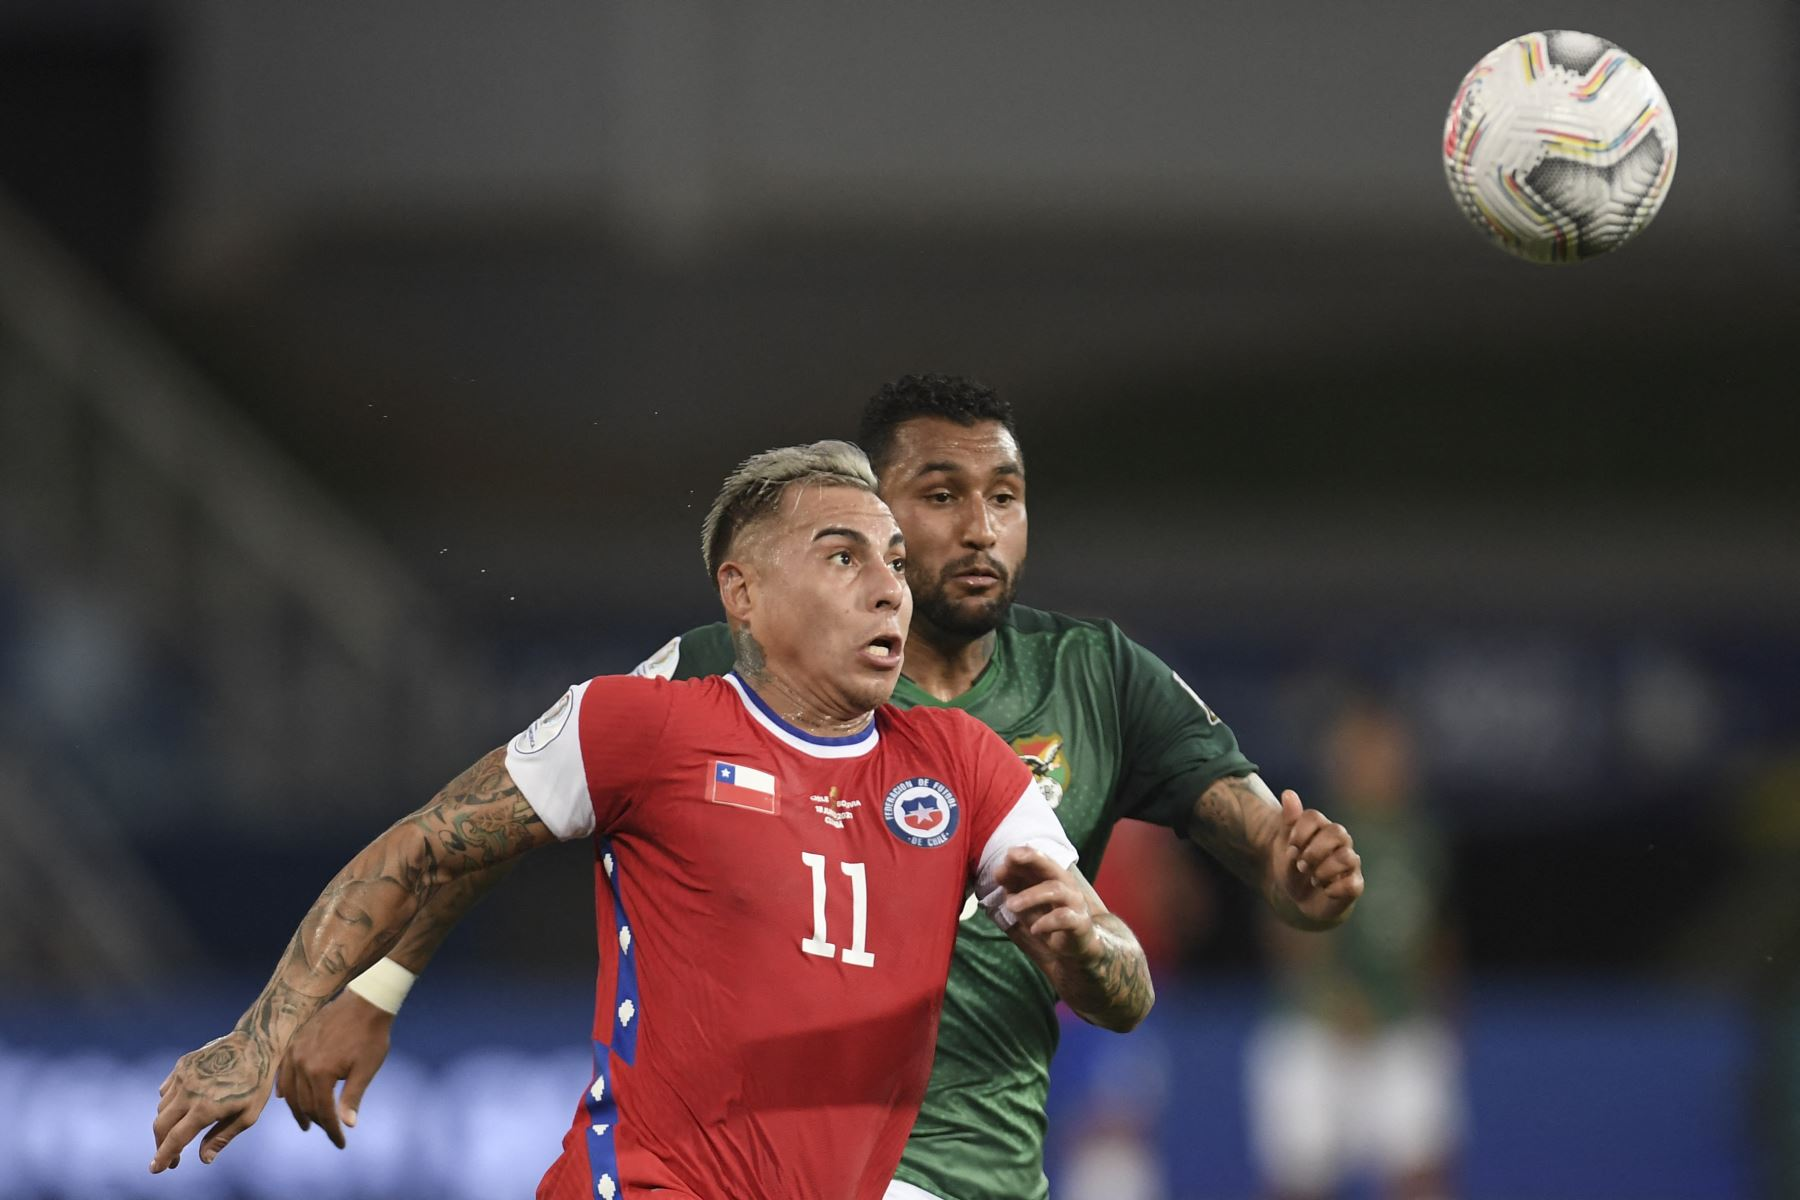 El chileno Eduardo Vargas y el boliviano Adrián Jusino compiten por el balón durante el partido de la fase de grupos de la Copa América, en el Pantanal Arena de Cuiabá, Brasil. Foto: AFP